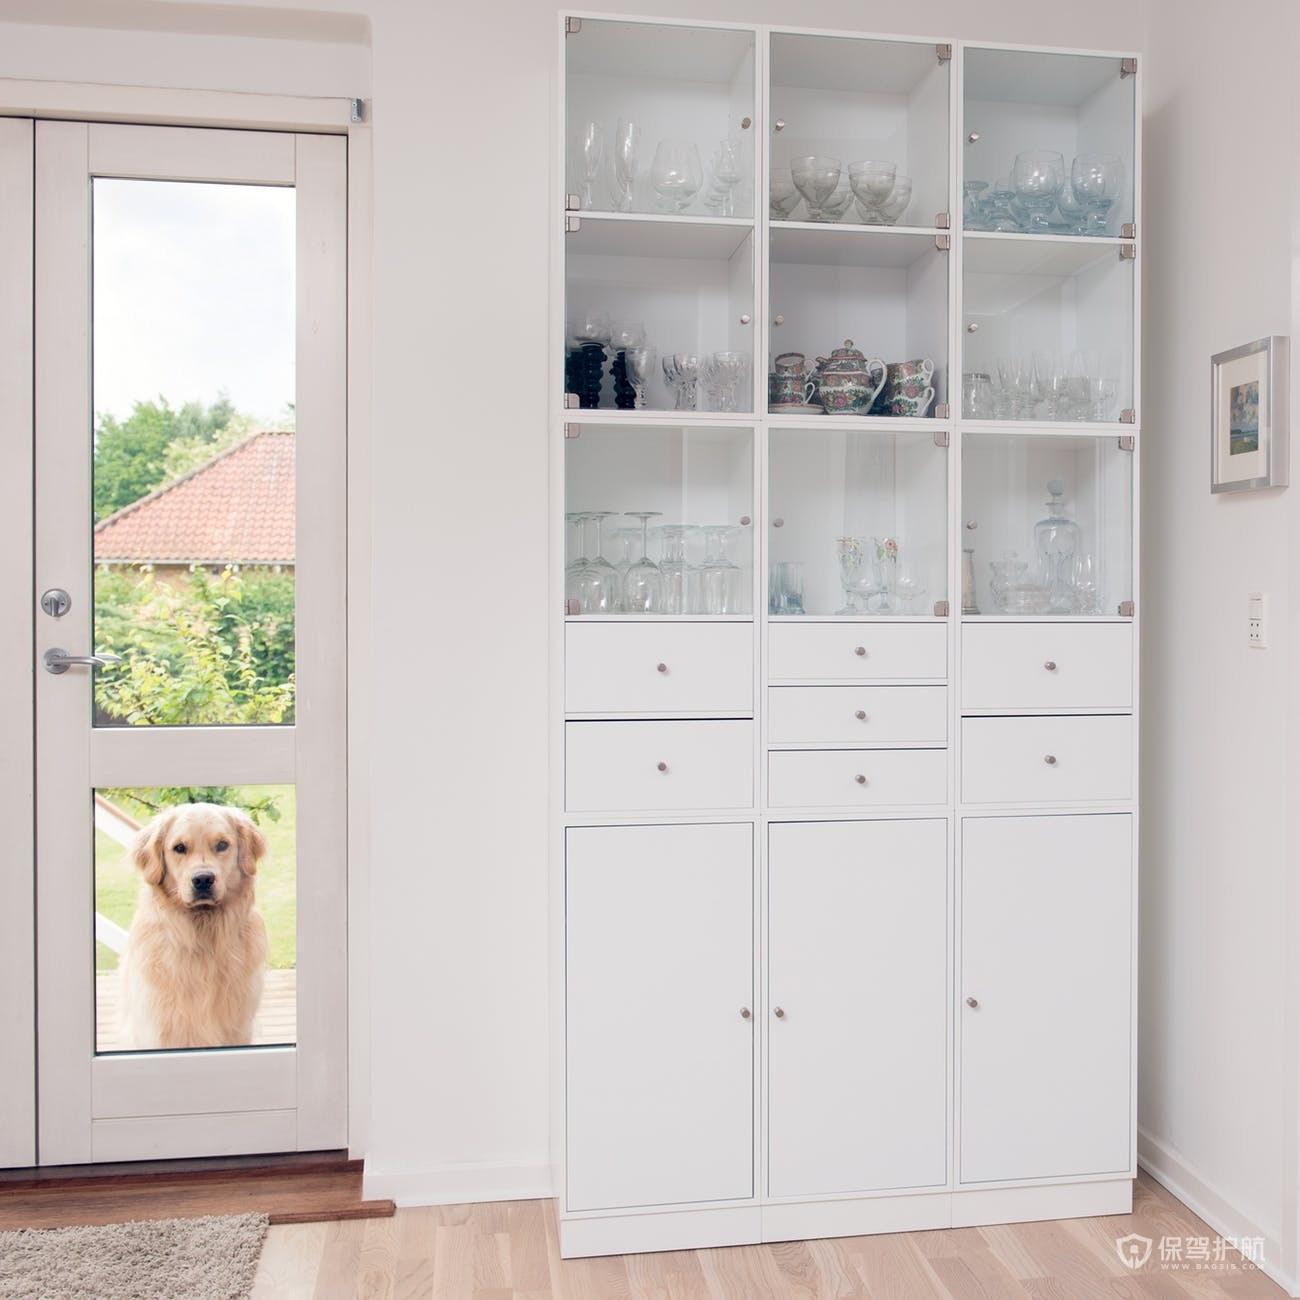 自住房门口装修选什么门最好?